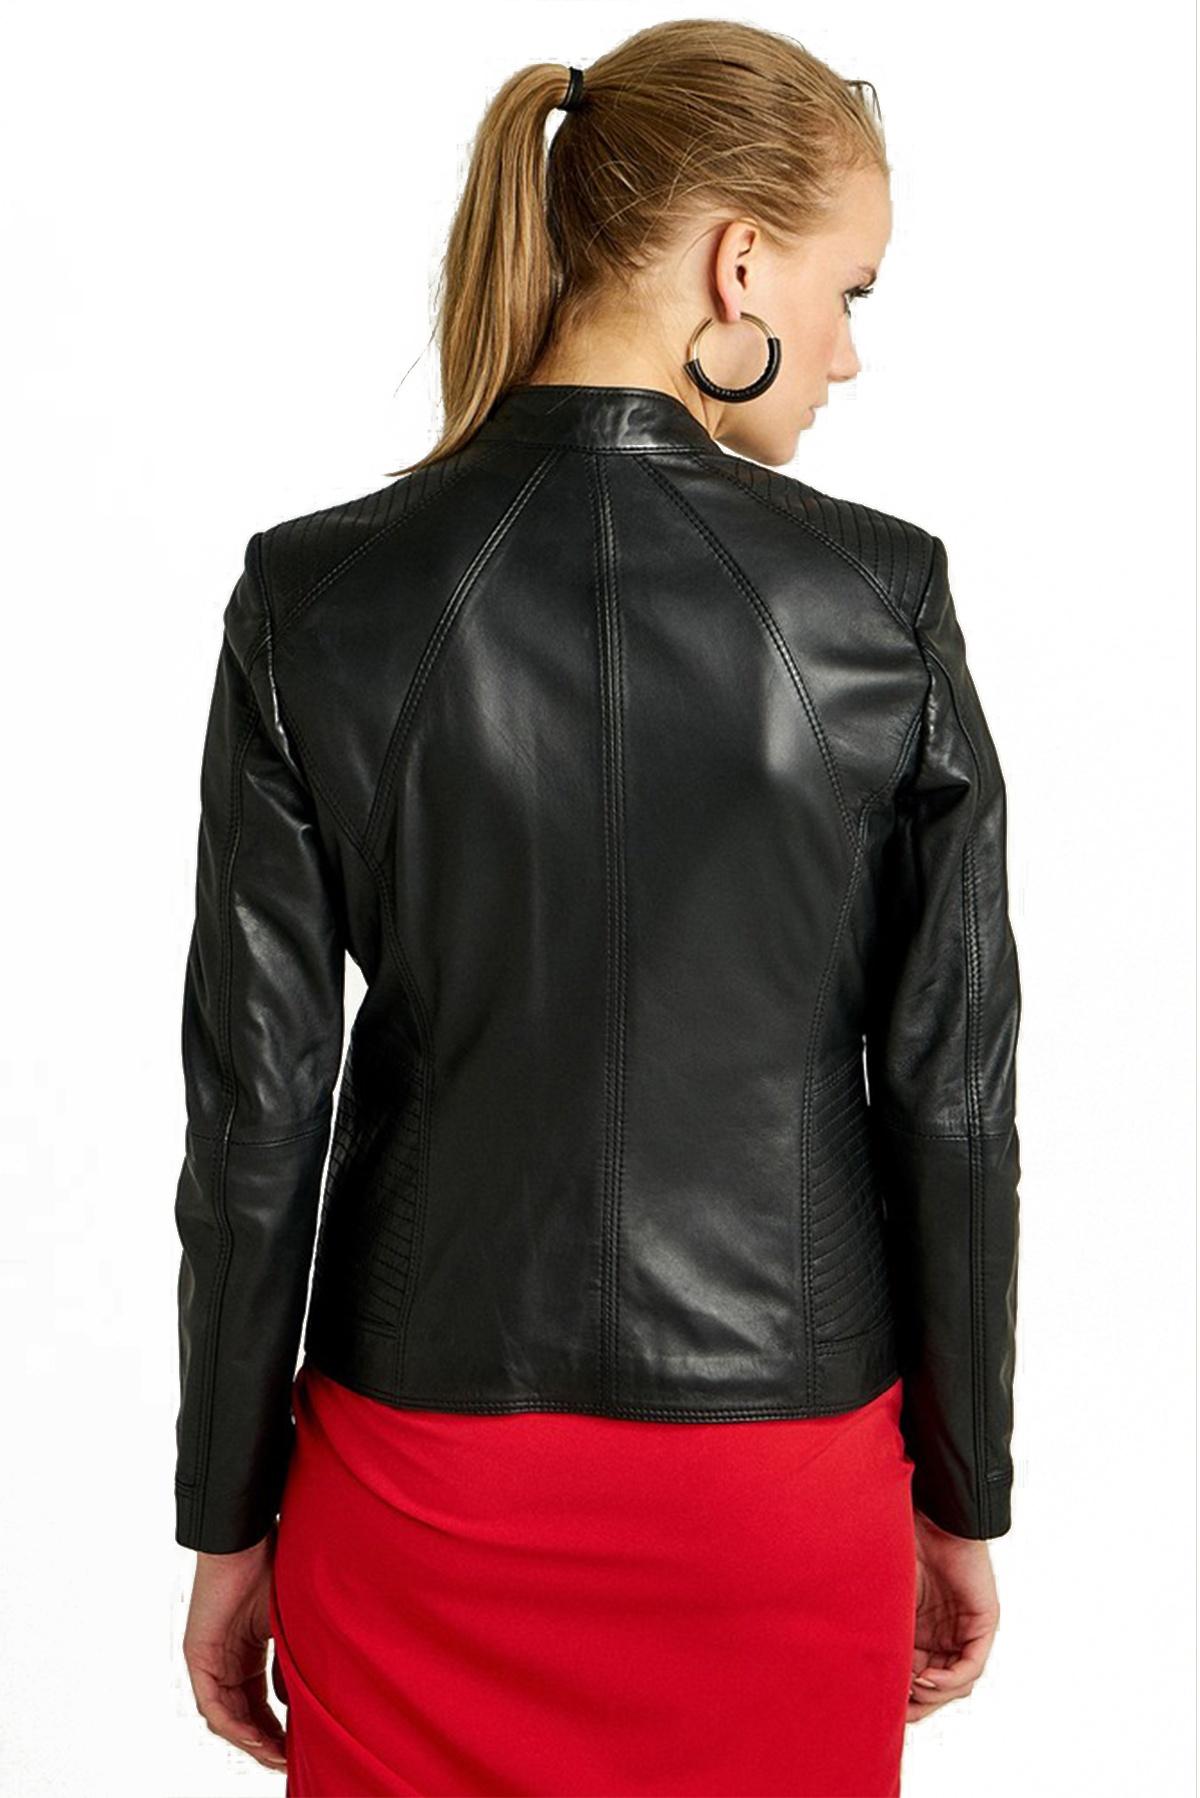 genuine leather jacket singapore